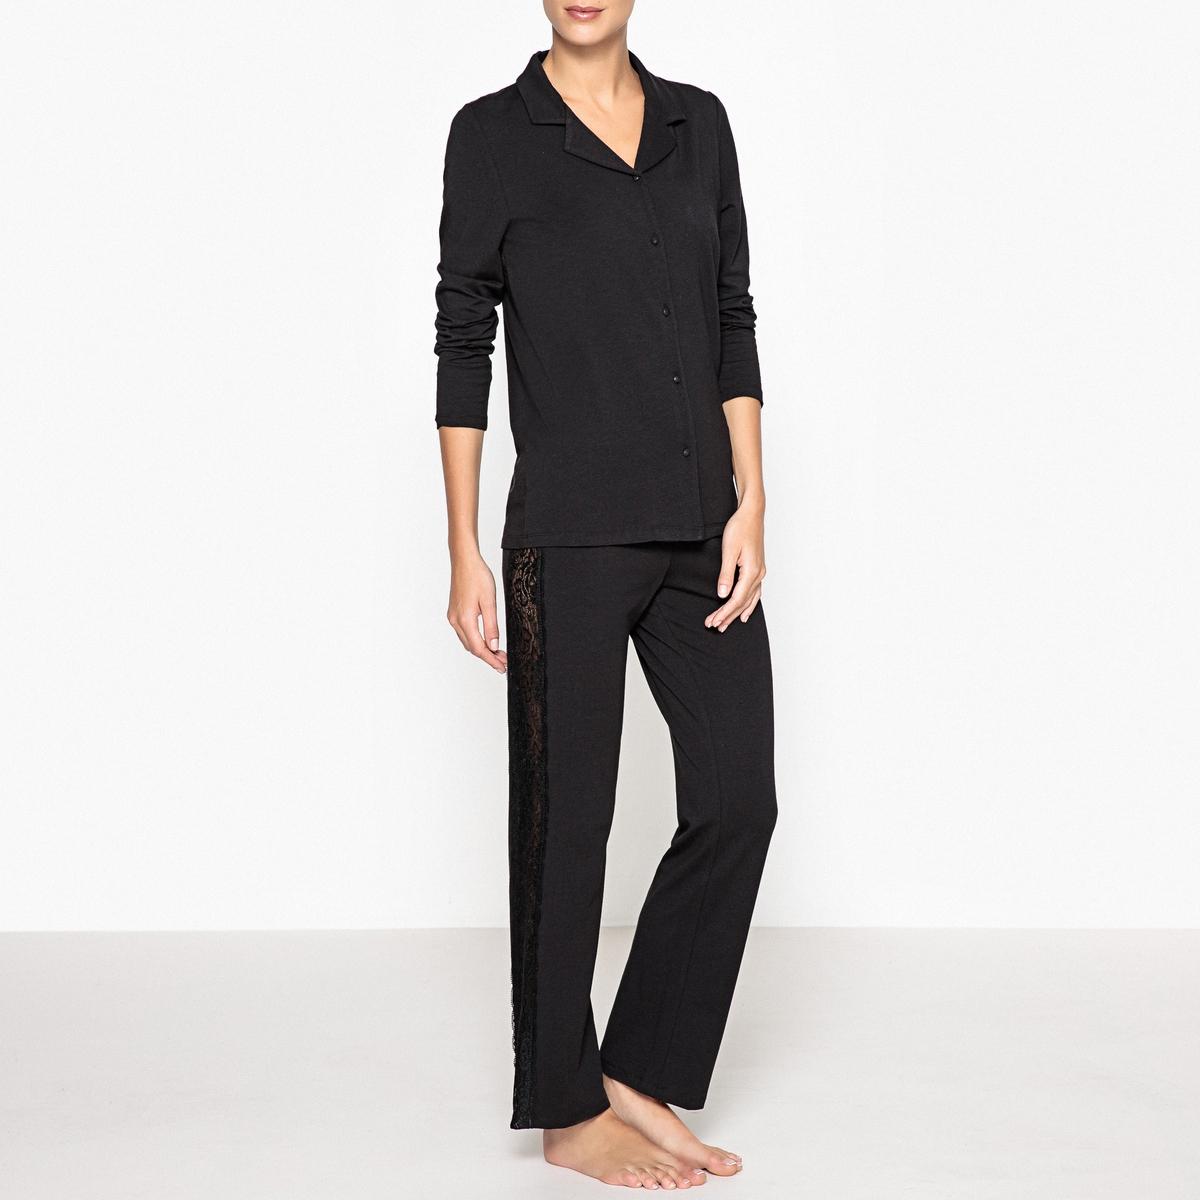 Пижама с кружевными деталямиРомантичная пижама немного в винтажном стиле прямого покроя украшена кружевом. Комфорт, мягкость и женственность гарантированы. Состав и описаниеПижама прямого покроя.Кружевные вставки сзади и по бокам брюк, эластичный поясМатериал :  47% хлопка, 47% модала, 6% эластанаДлина : Рубашка ночная: 67 см.Длина по внутр.шву: 76 смУход : Стирать при температуре 30° со схожими цветами.Стирать, сушить и гладить с изнаночной стороны<br><br>Цвет: черный